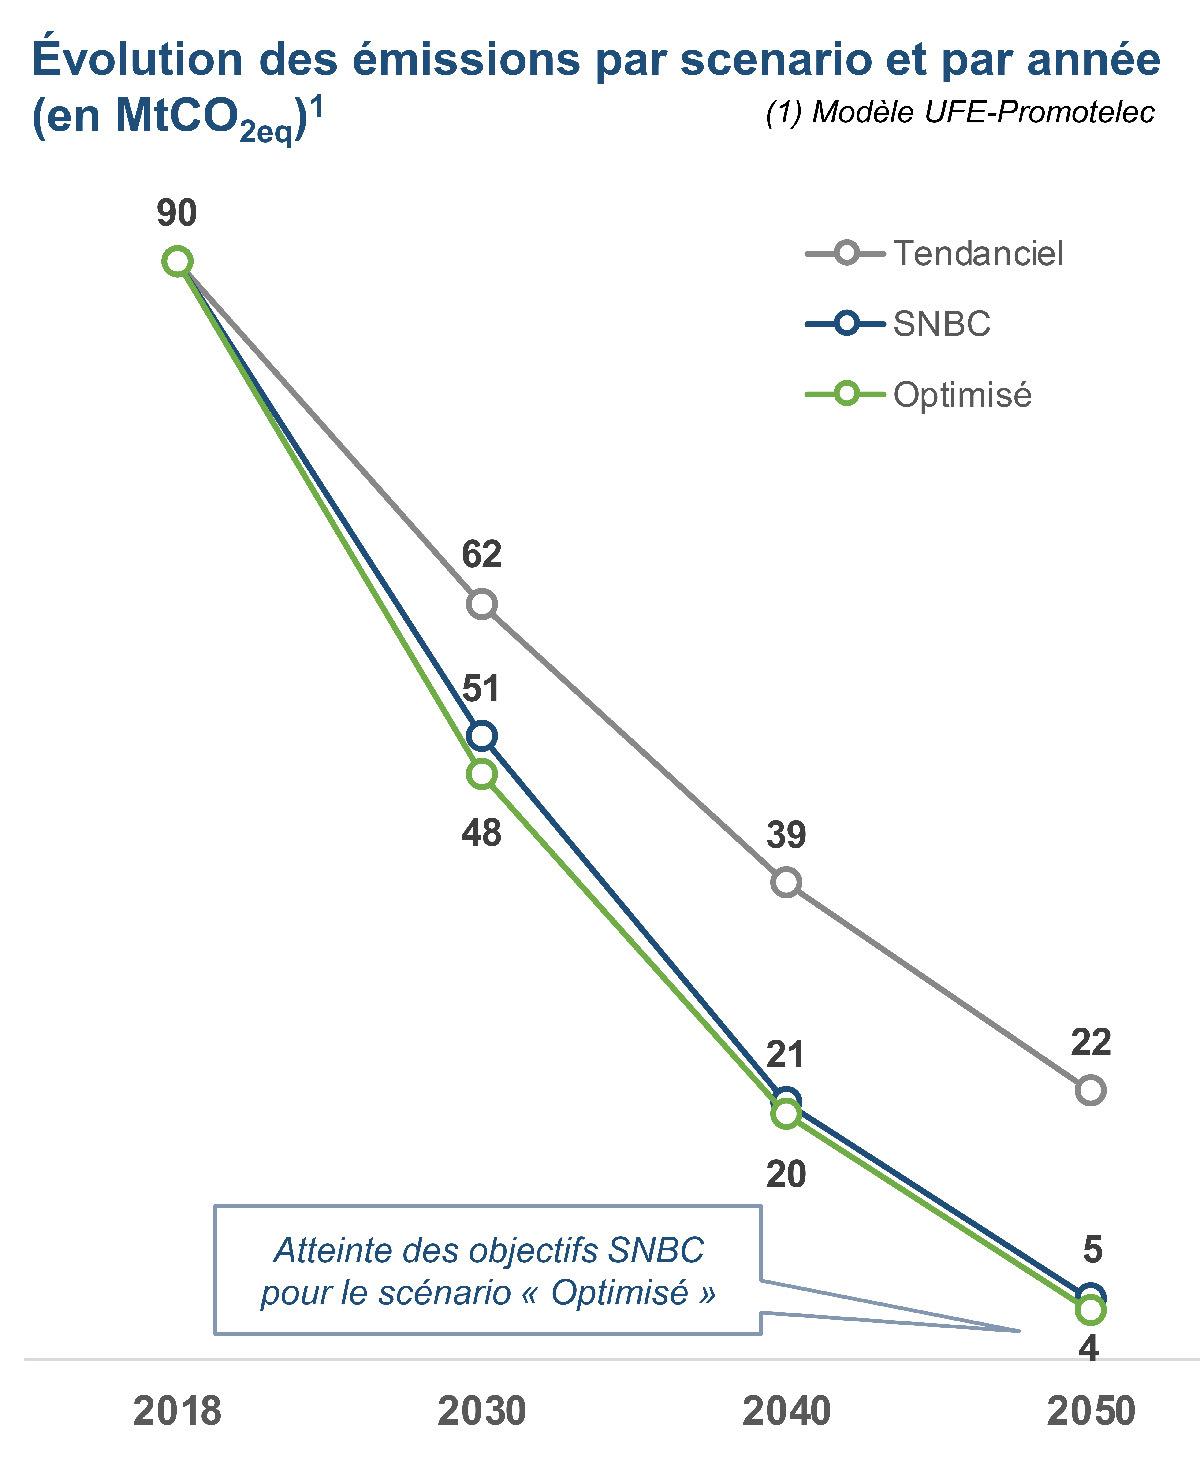 Evolution des émissions par scénario et par année en MtCO2ed © Modèle UFE-Promotelec